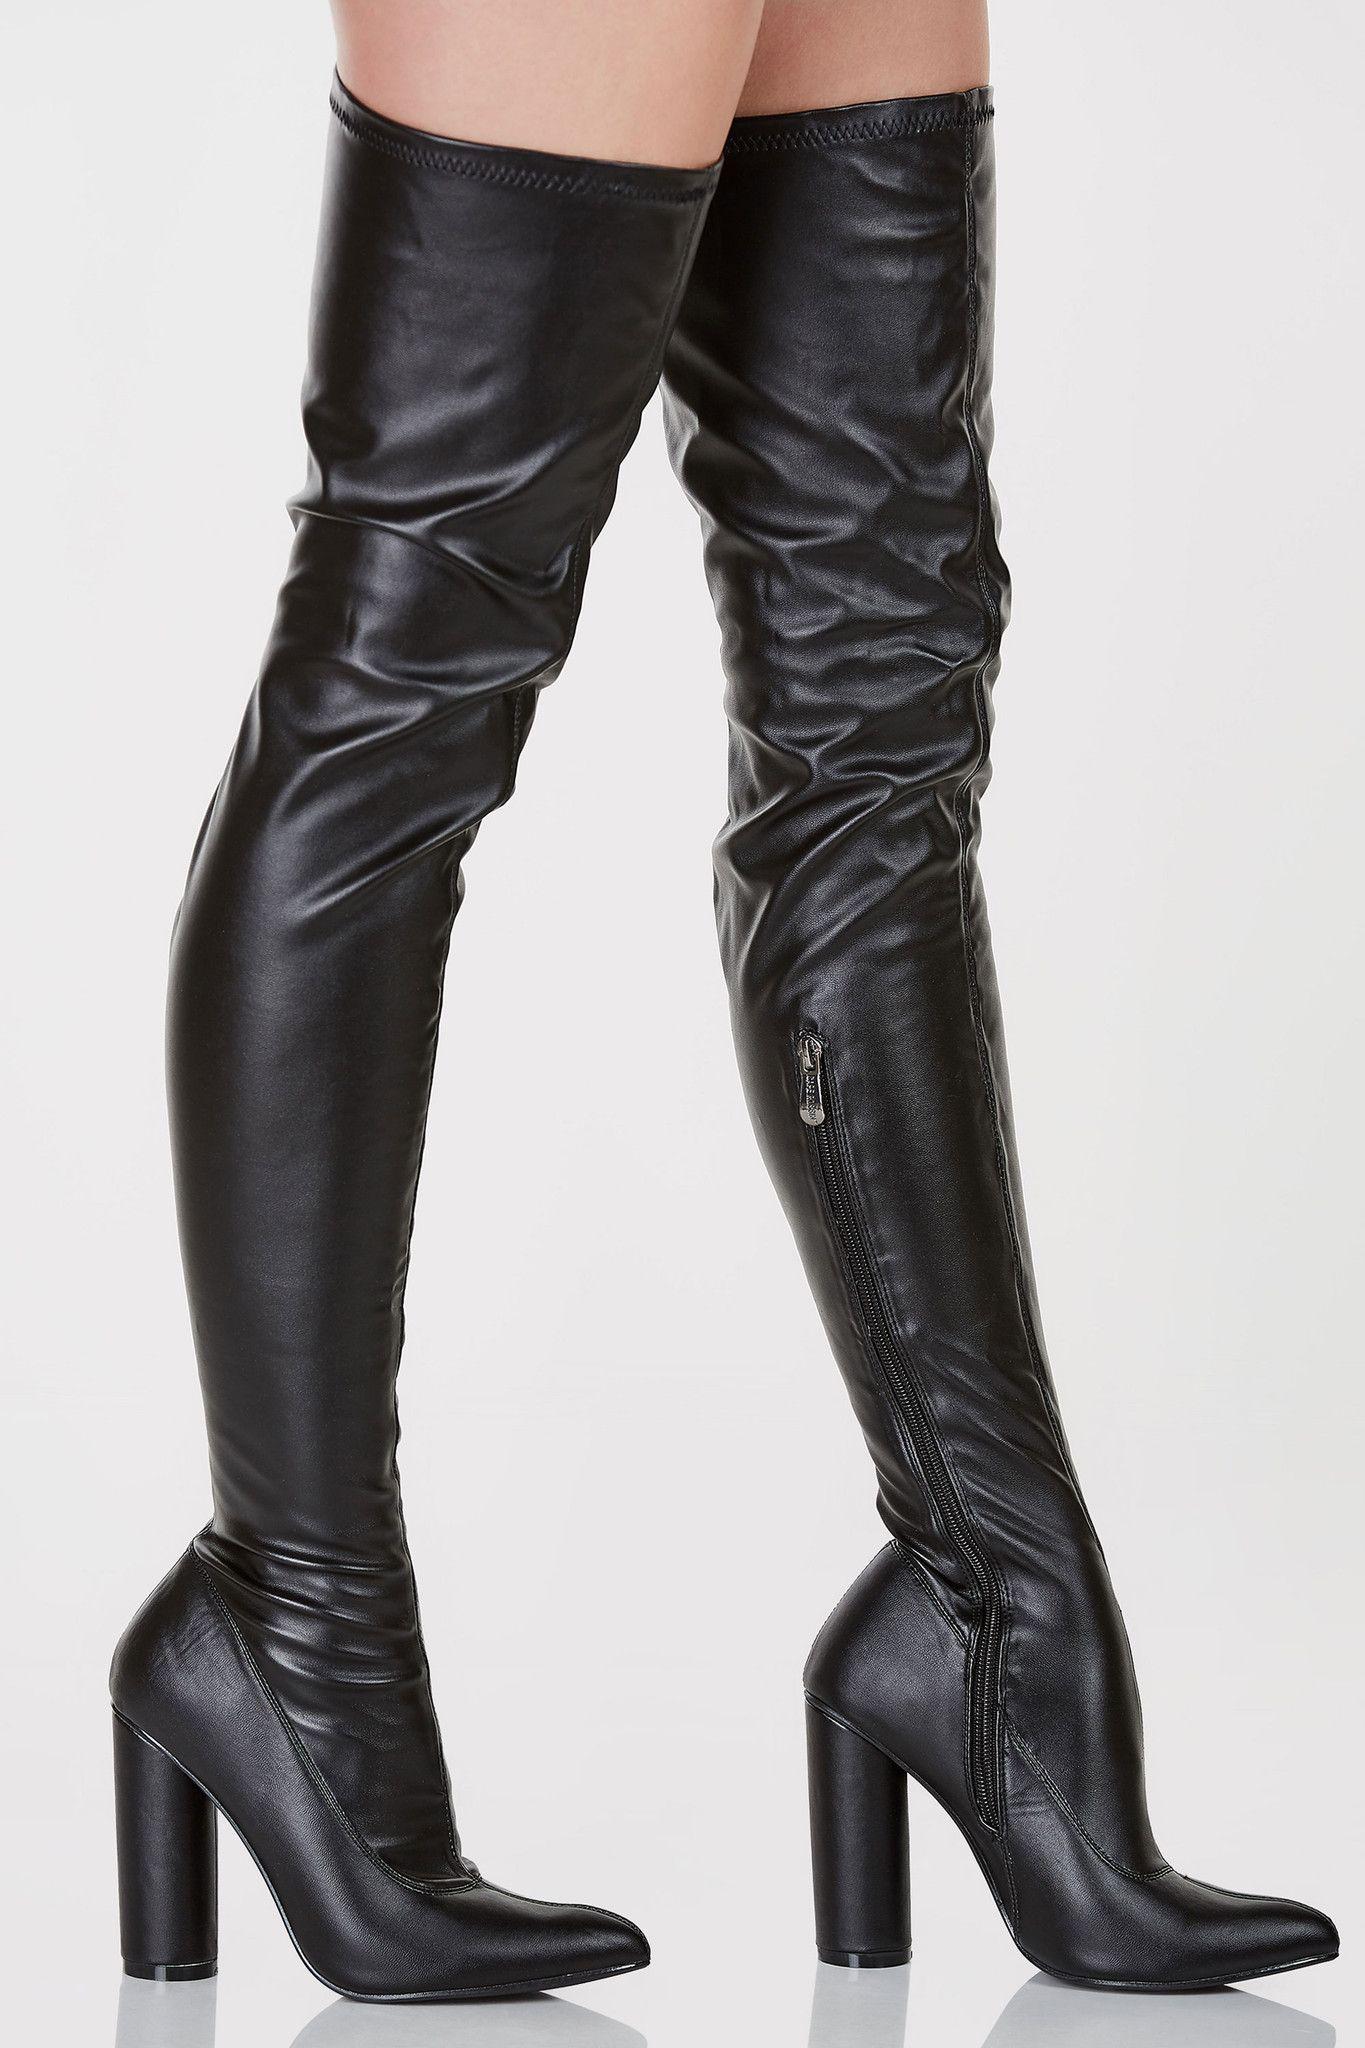 Black Widow Thigh High Boots | Boots